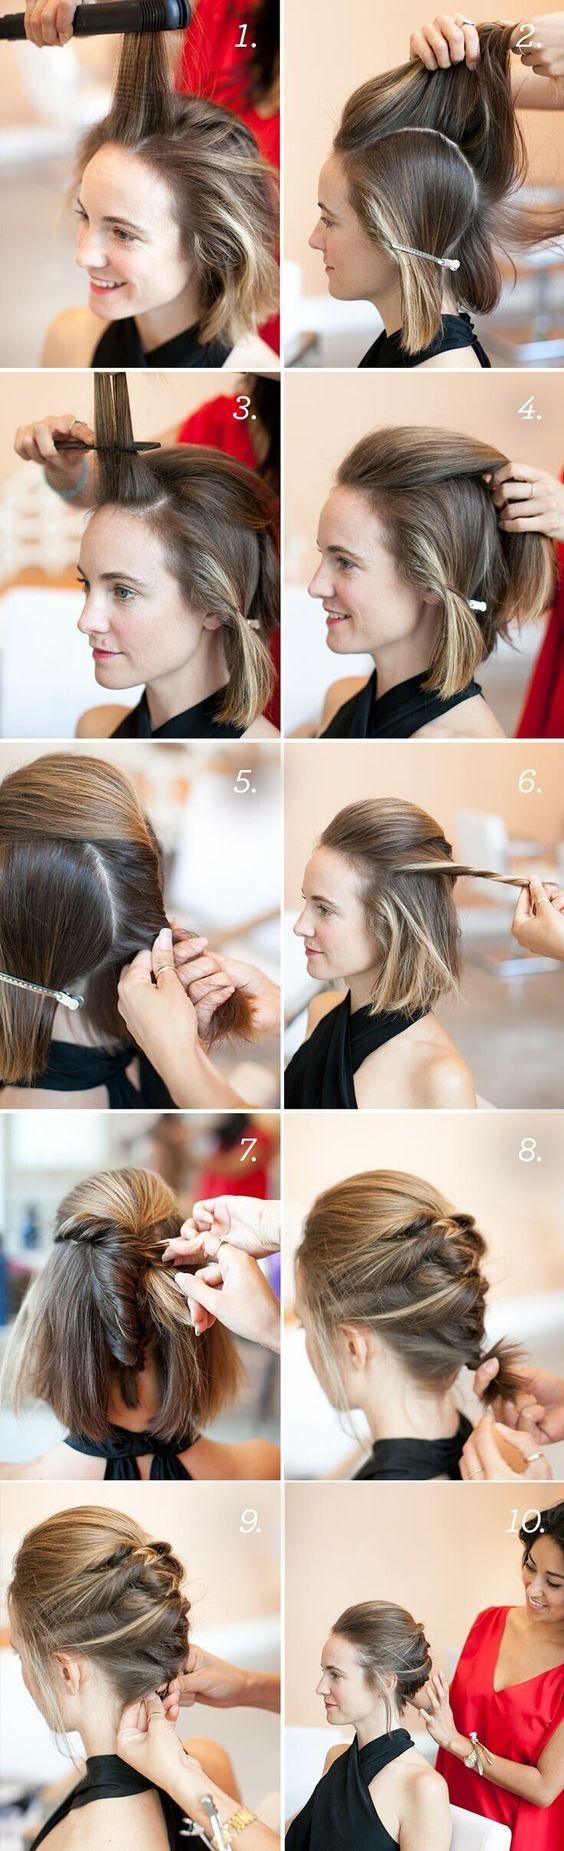 Kiểu tóc cầu kì này là một gợi ý tuyệt vời cho những buổi hẹn hò hoặc sự kiện quan trọng.